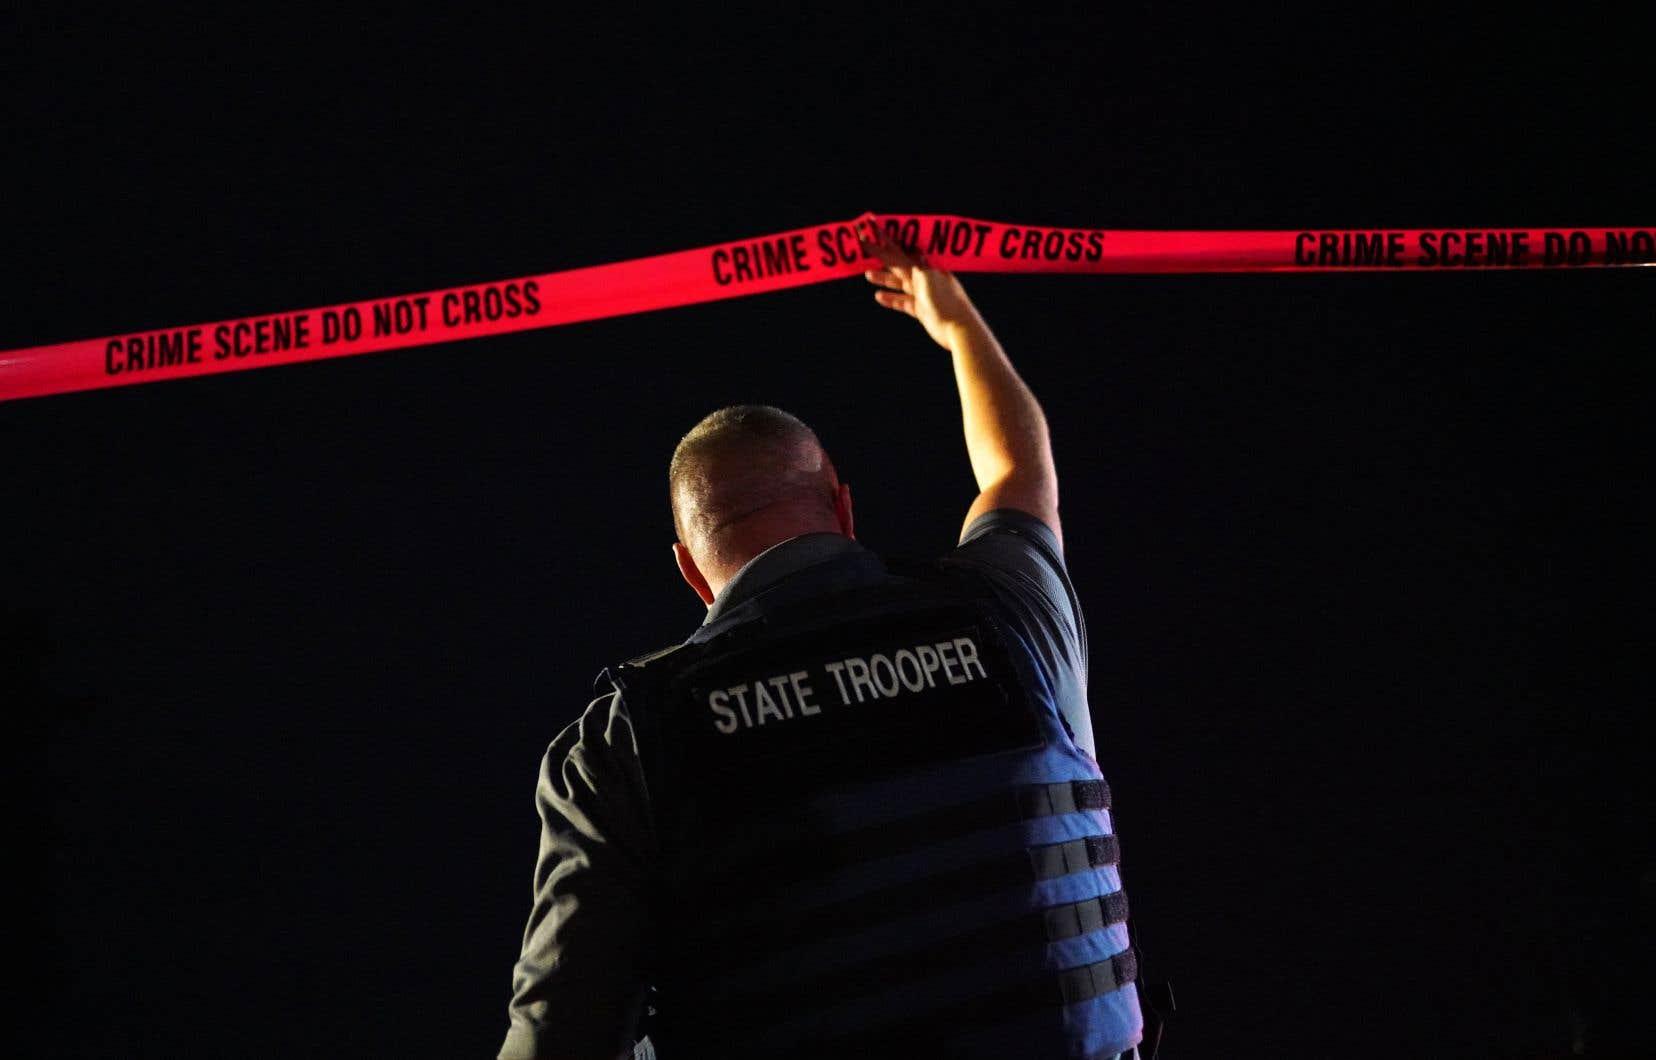 Les forces policières ont tiré et tué un homme qui serait Michael Forest Reinoehl, à Tanglewilde Terrace, Washington.